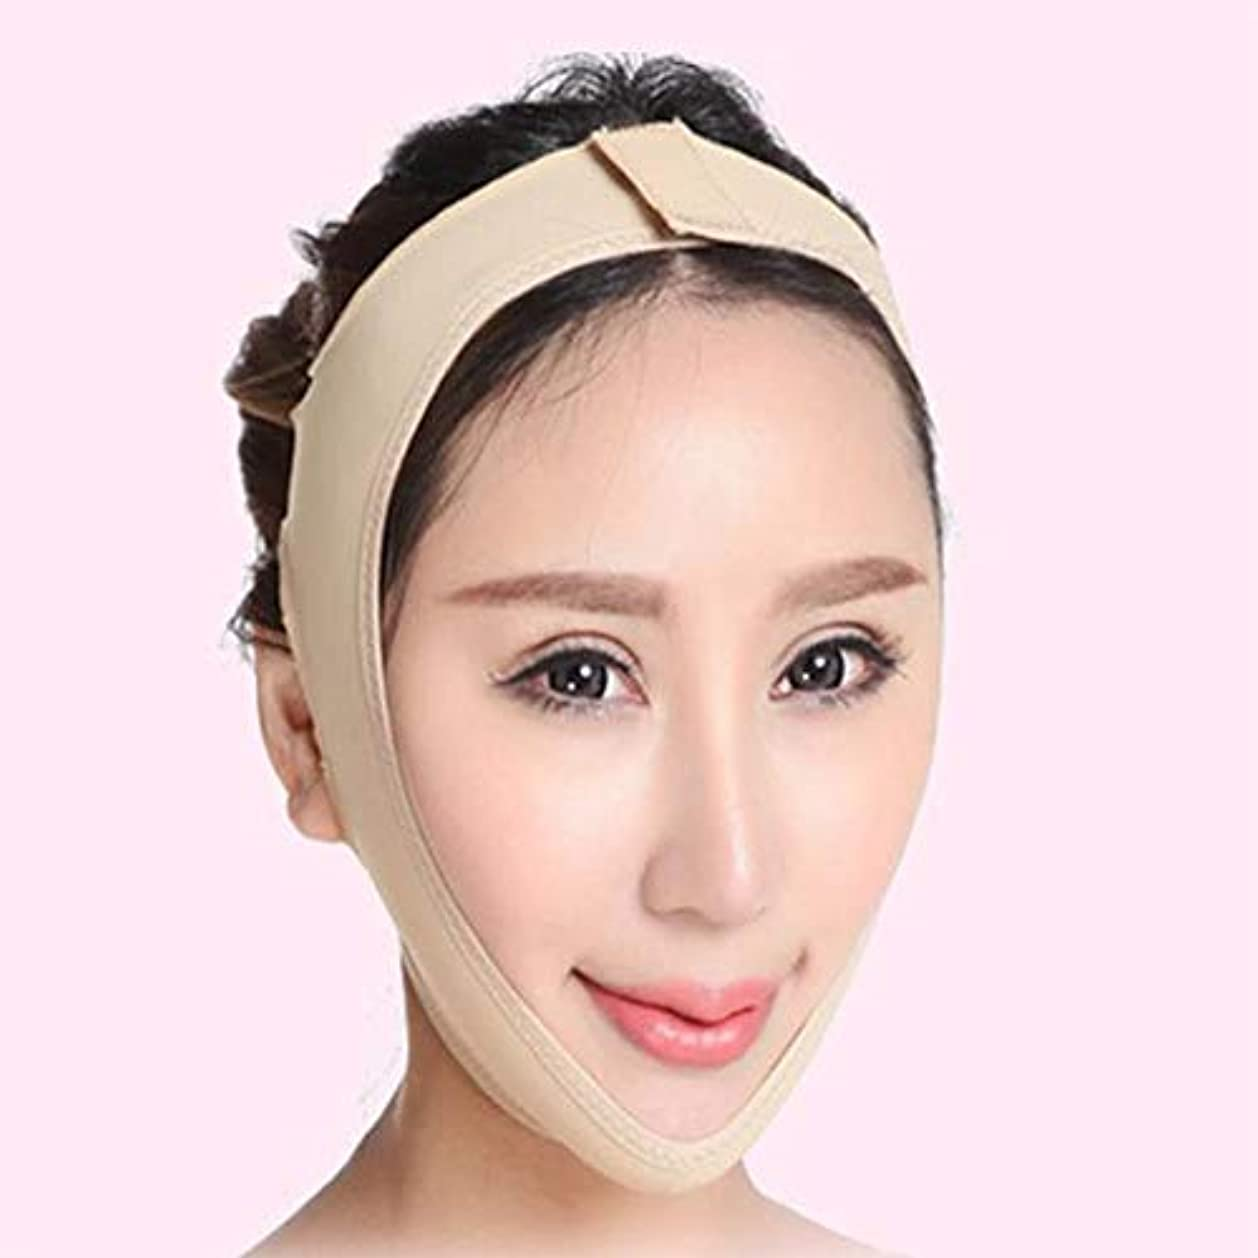 オリエント約束する許容MR 小顔マスク リフトアップ マスク フェイスラインシャープ メンズ レディース Sサイズ MR-AZD15003-S